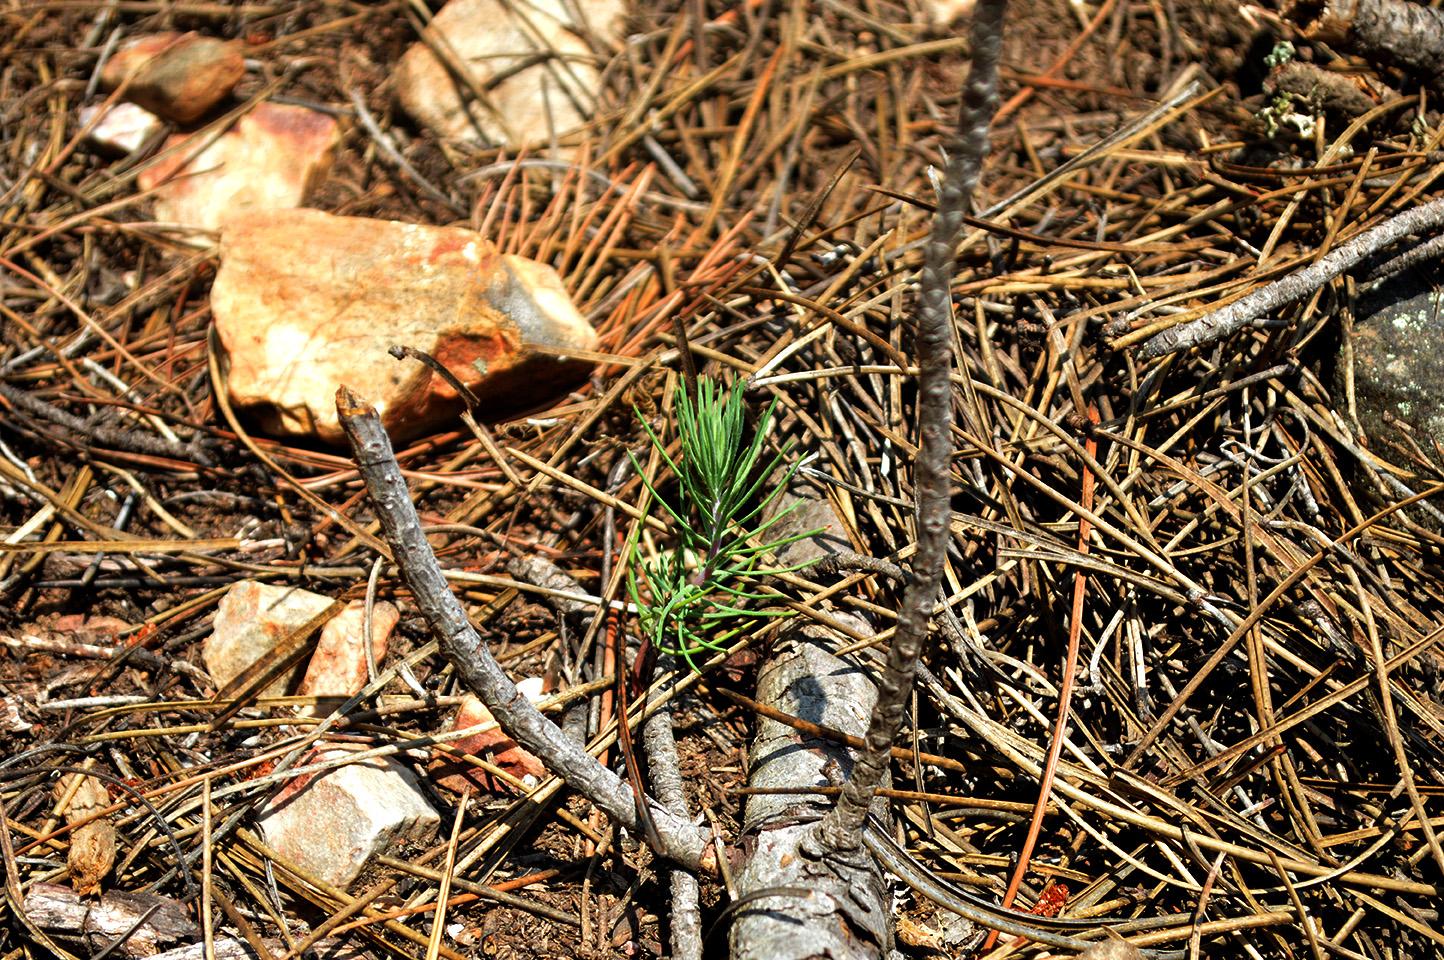 Regenerado en bosquetes en otoño 2018 tras las cortas de invierno 2017/18